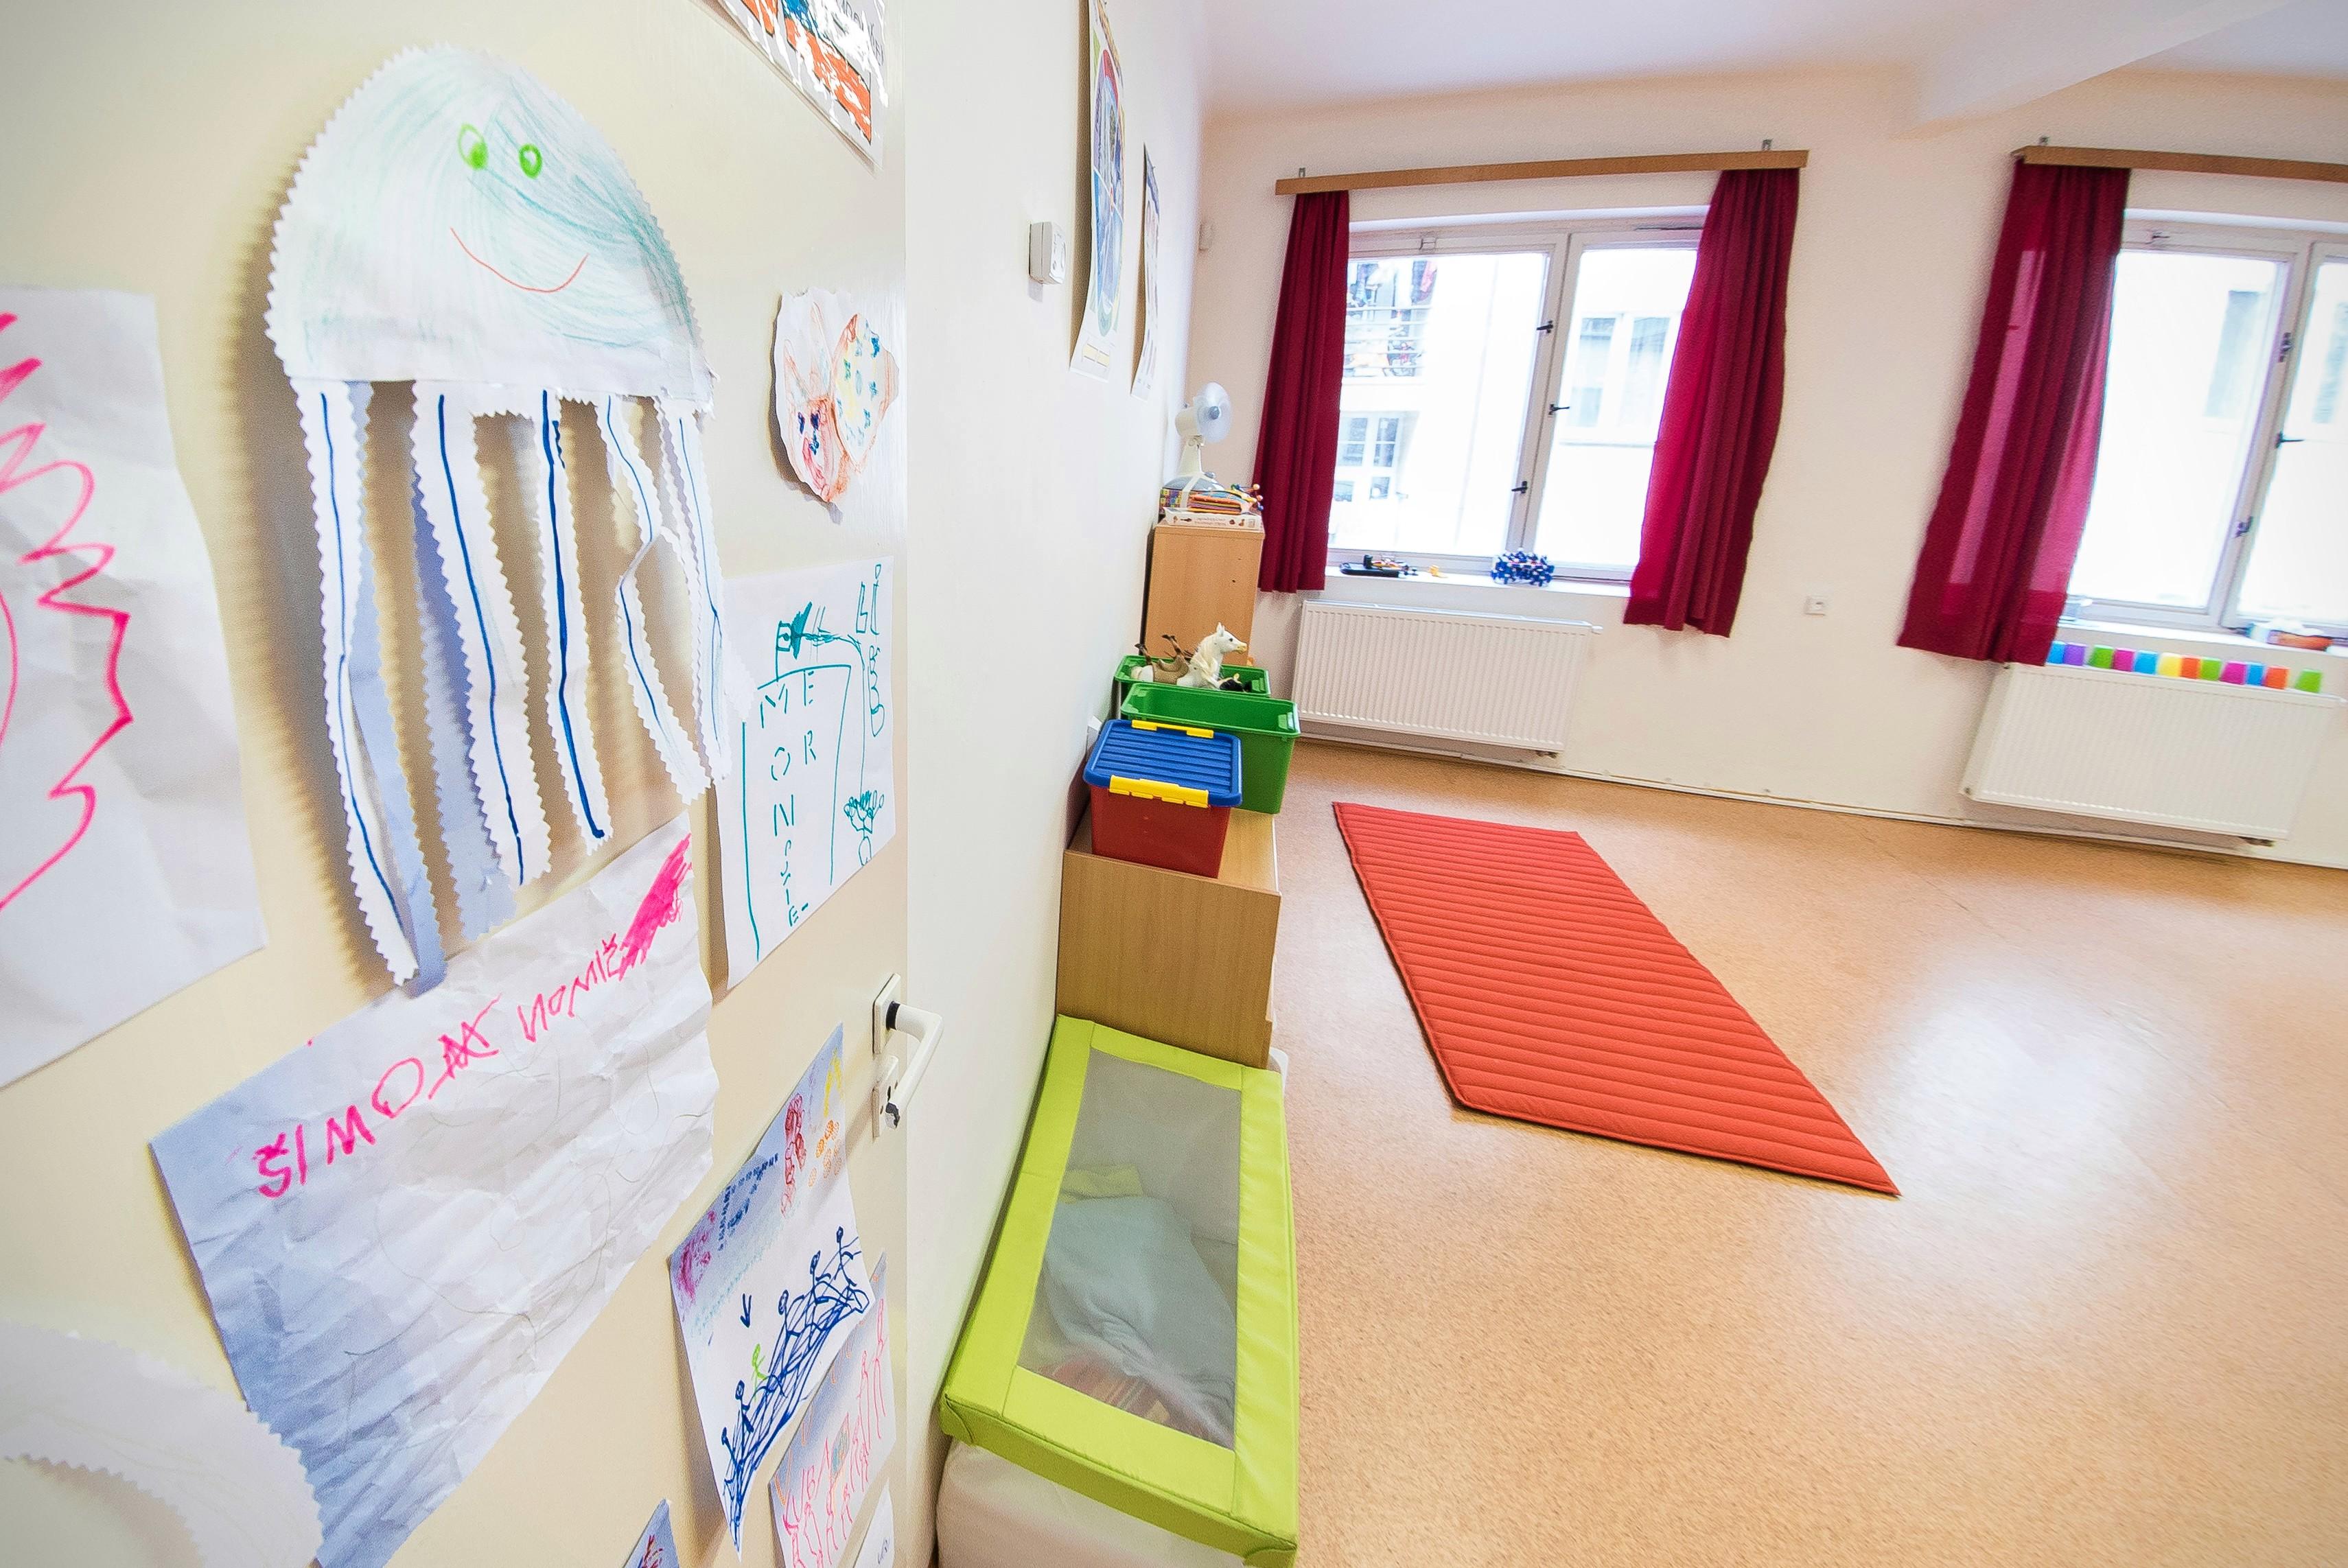 Dětské výtvory na dveřích k učitelům